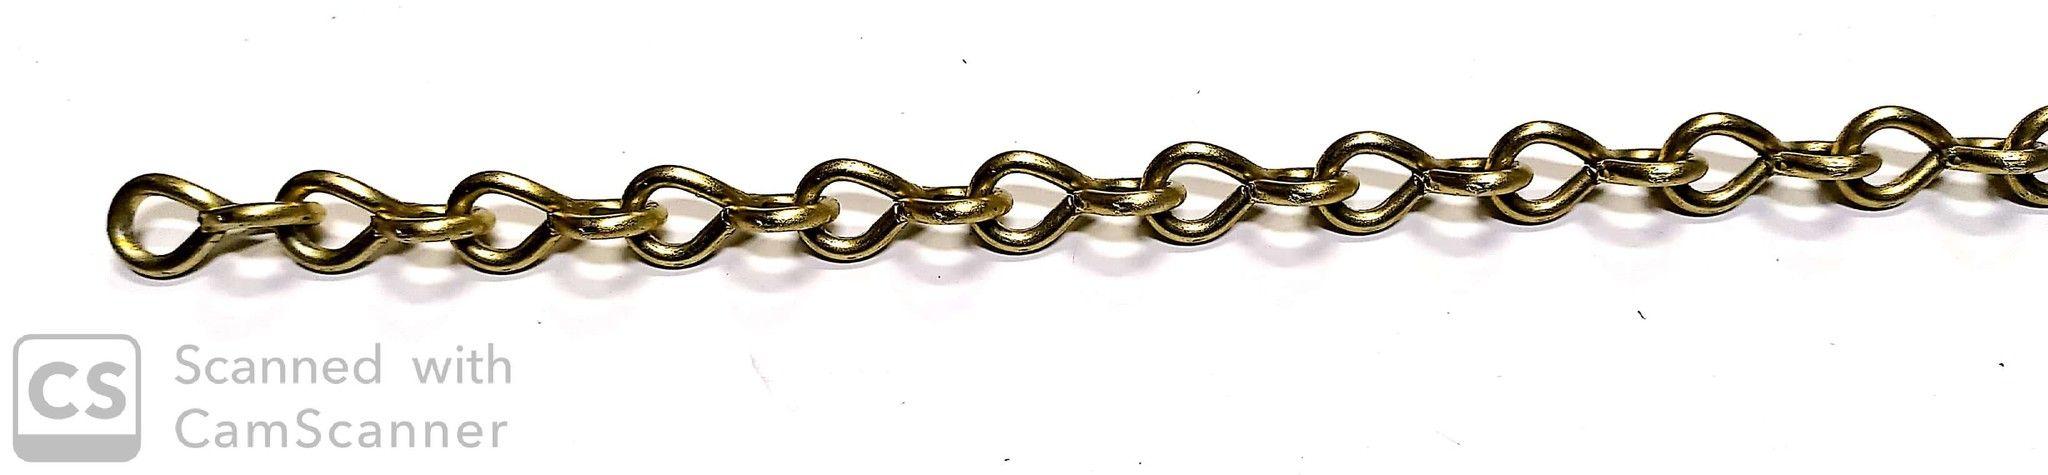 Catena JACK ottonata anello ritorto filo mm 3,4